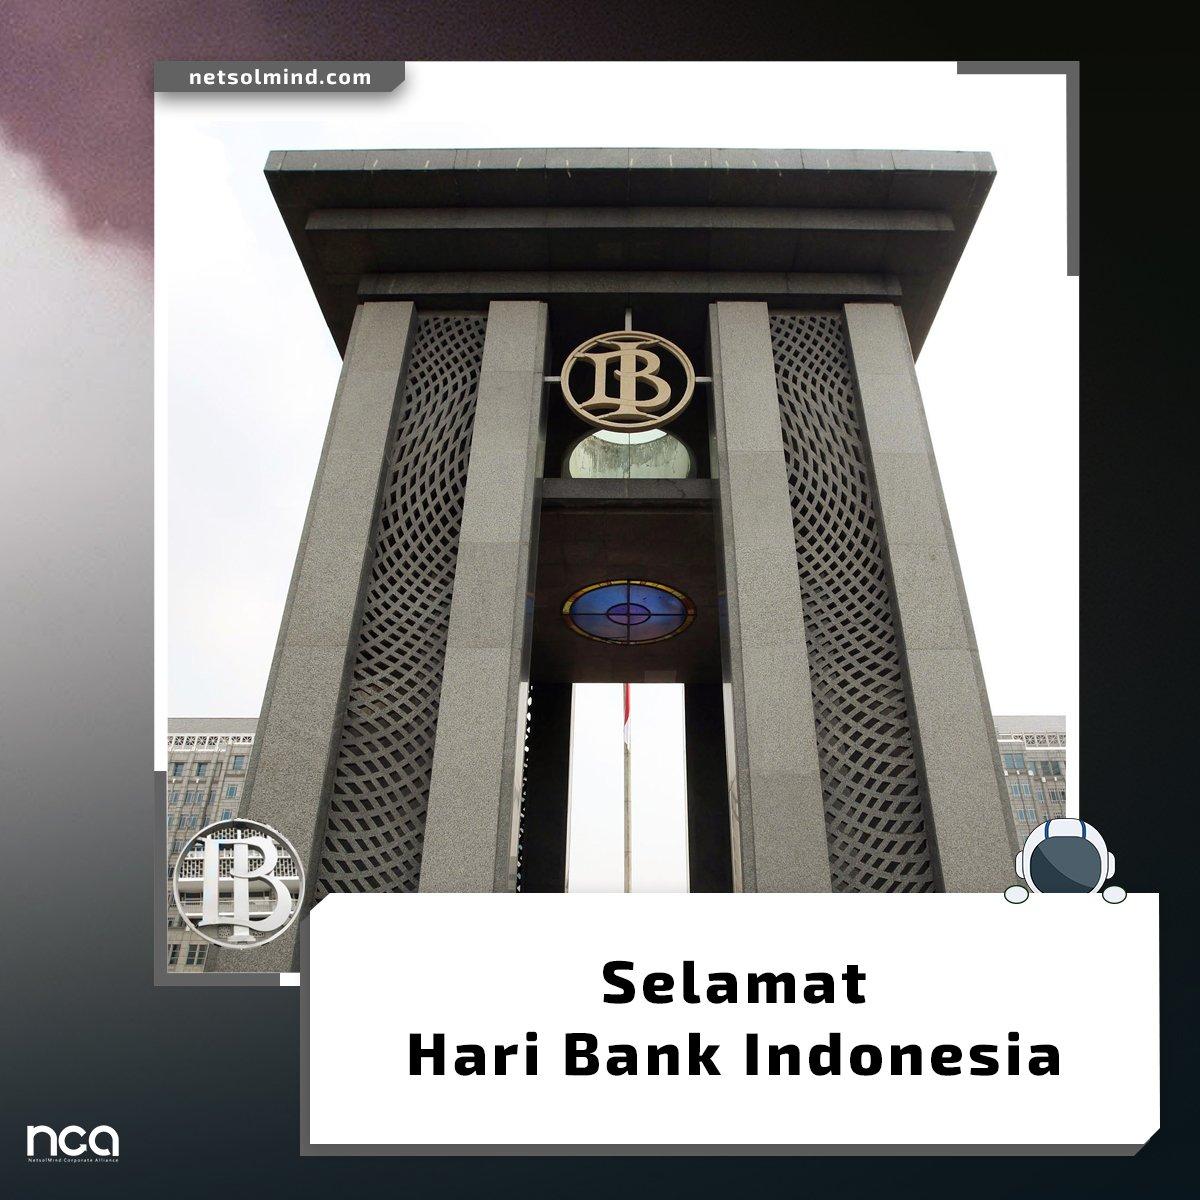 Selamat Hari Bank Indonesia. Semoga perekonomonian dan perbankan di Indonesia kian kokoh. #ncatalk #ncadigitalagency #ncatoday #haribankindonesia #2018